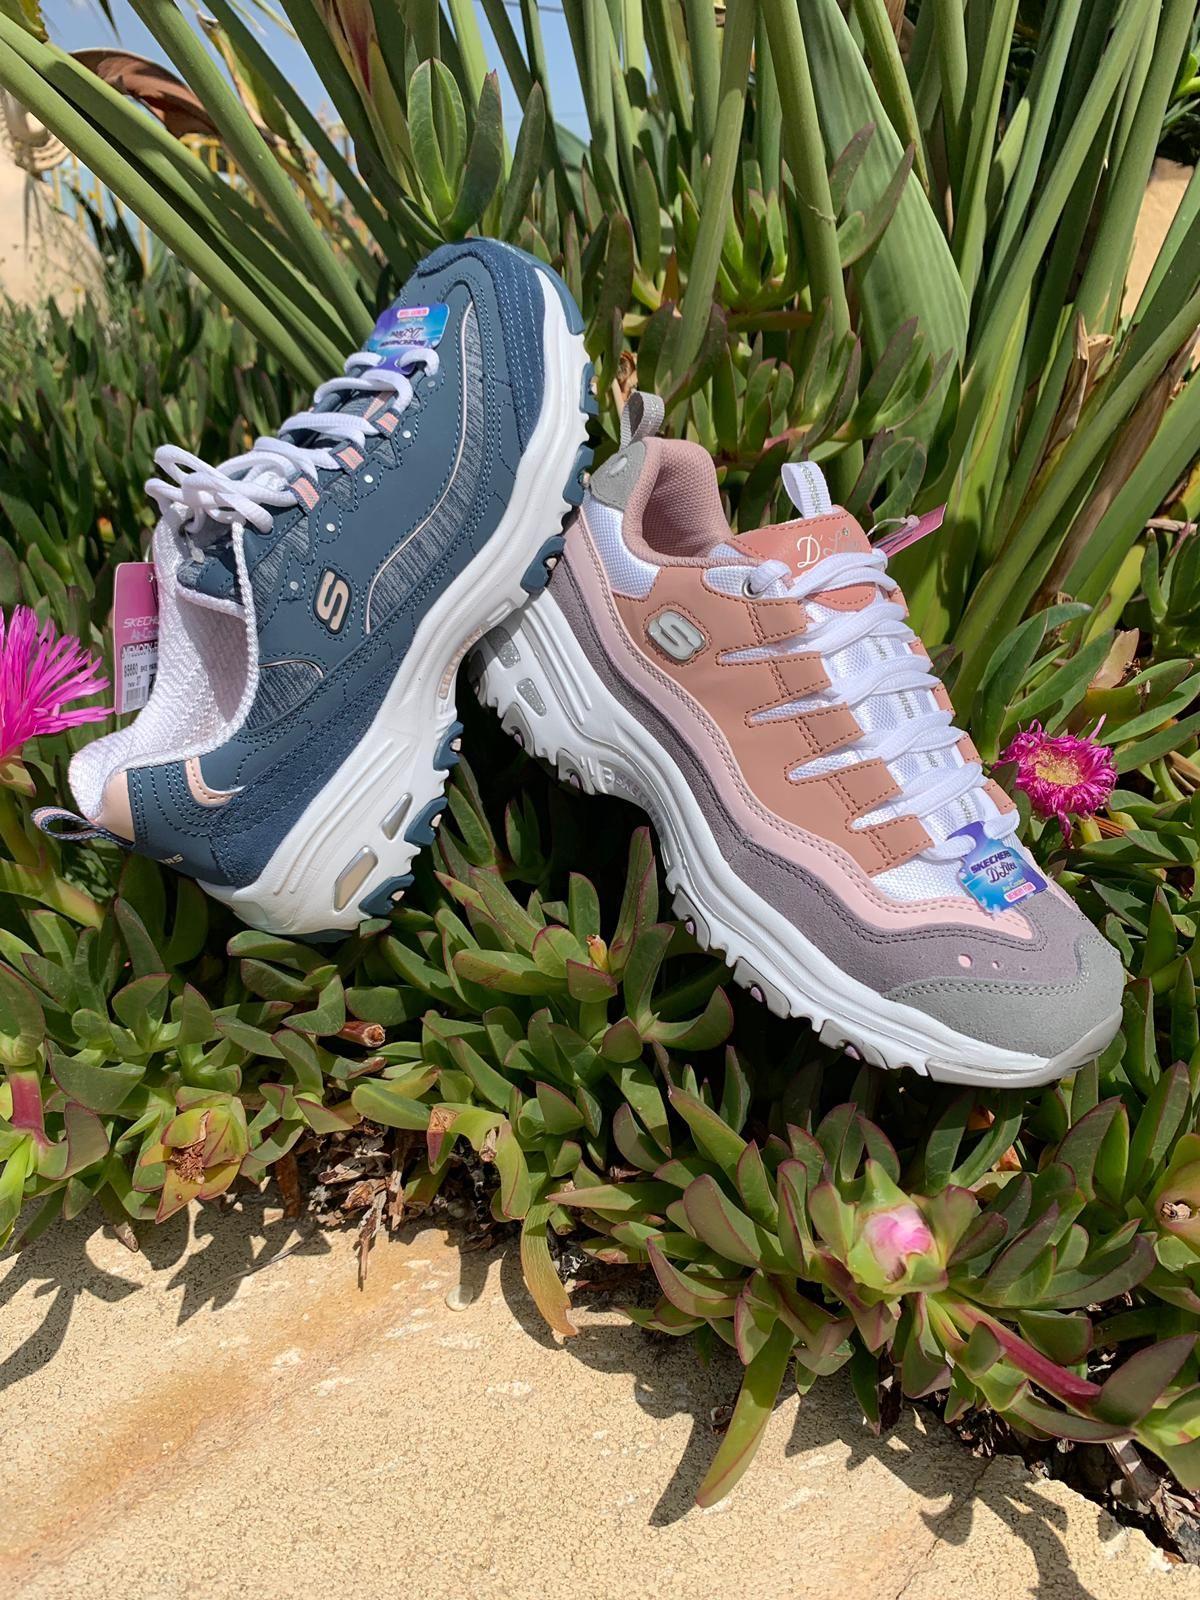 Novio veneno frecuentemente  Nueva colección primavera-verano 2019 marca Skechers, tienda online o  webshop www.zapatosparatodos.es | Skechers, Zapatos, Primavera verano